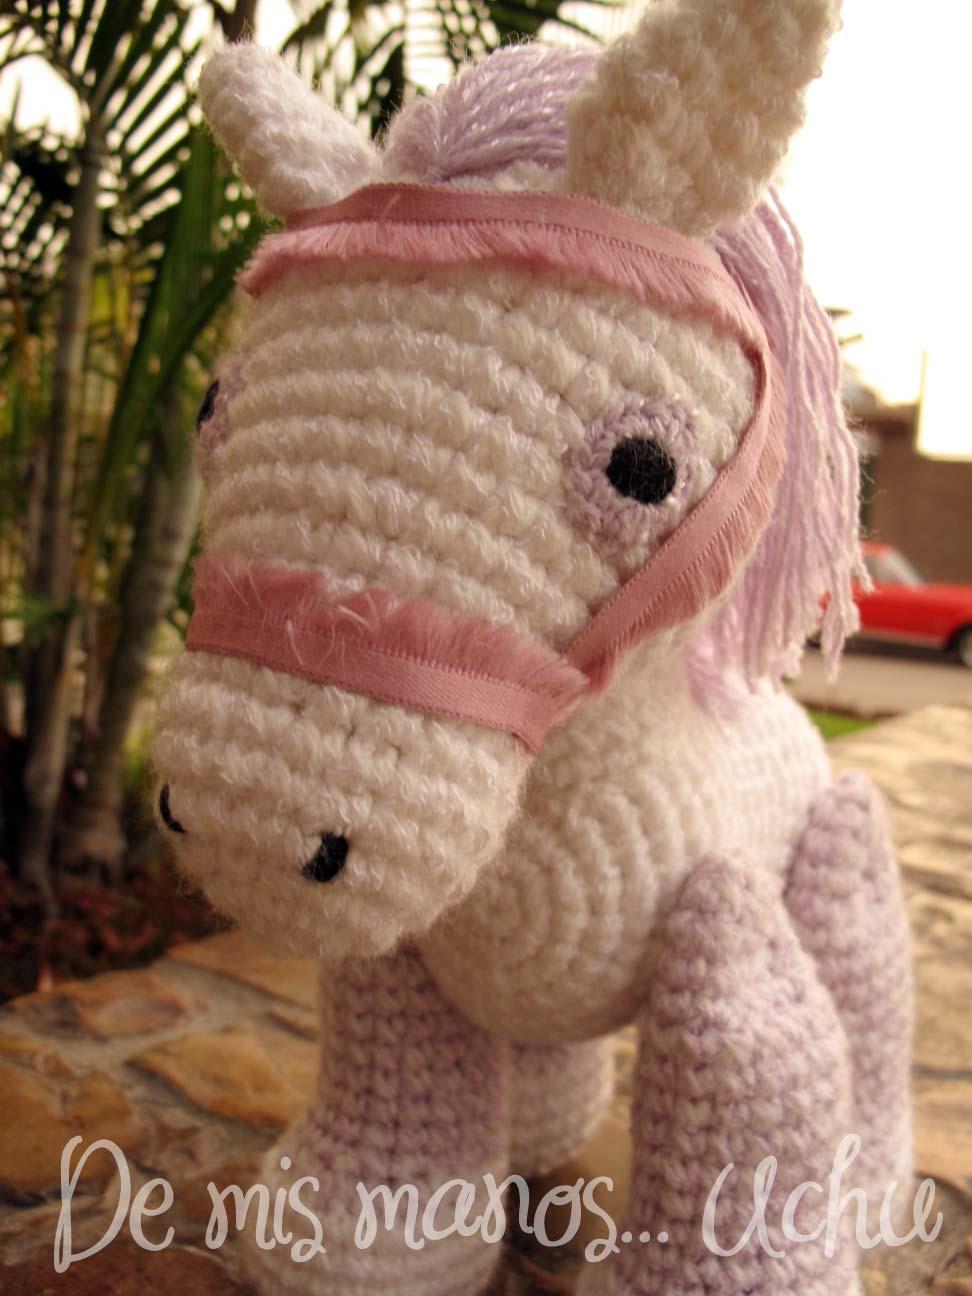 De mis manos: Pequeño Pony y... chispas!! el Día del Trabajador!!!